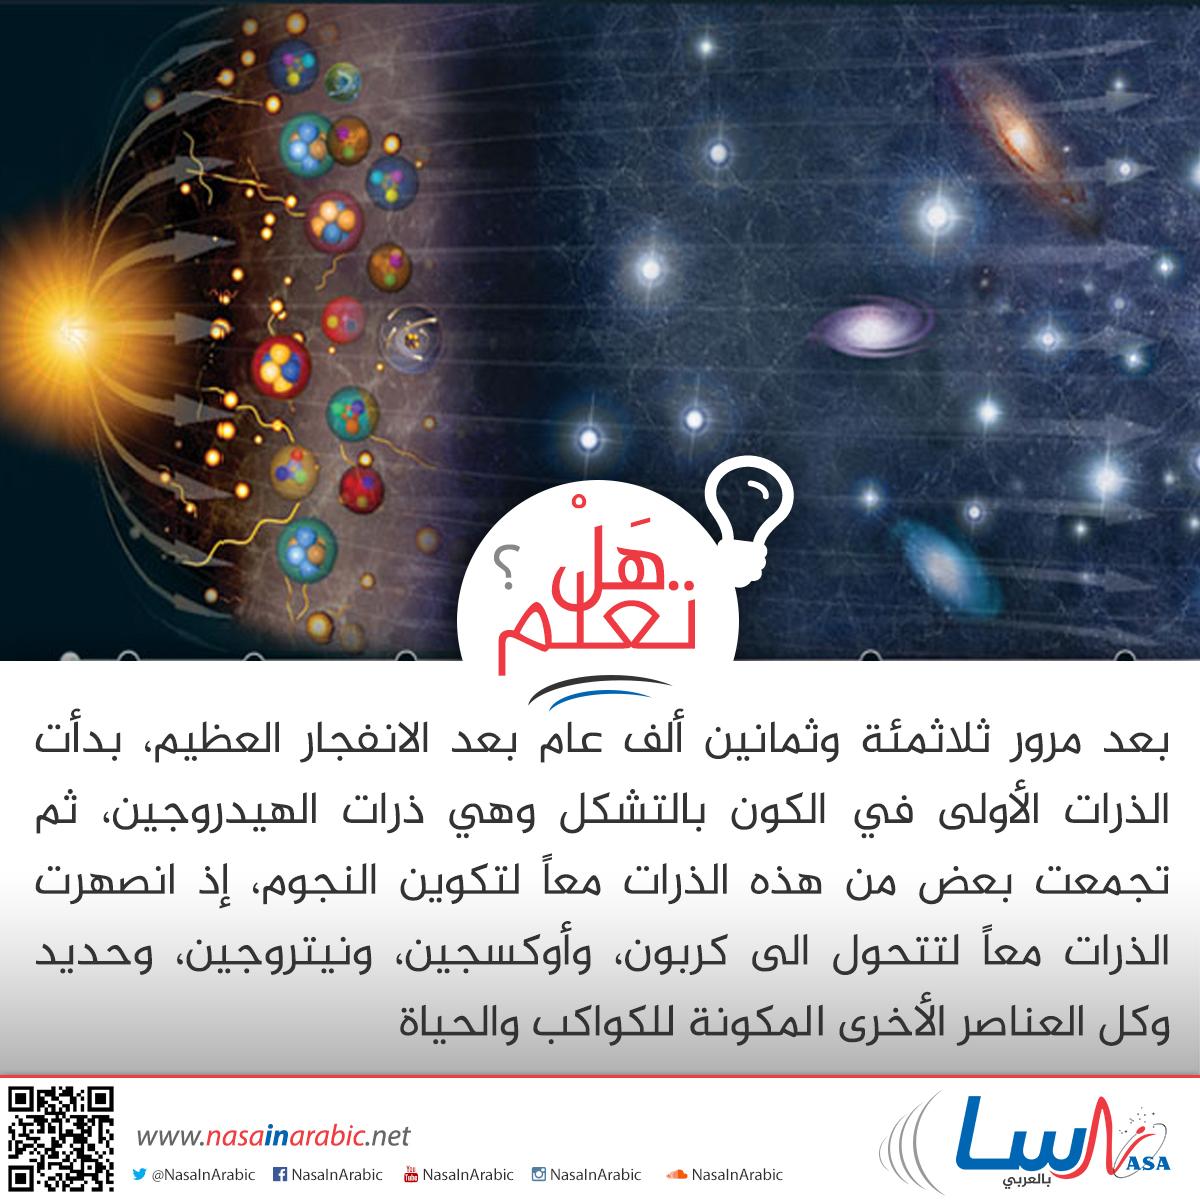 الذرات الأولى في الكون